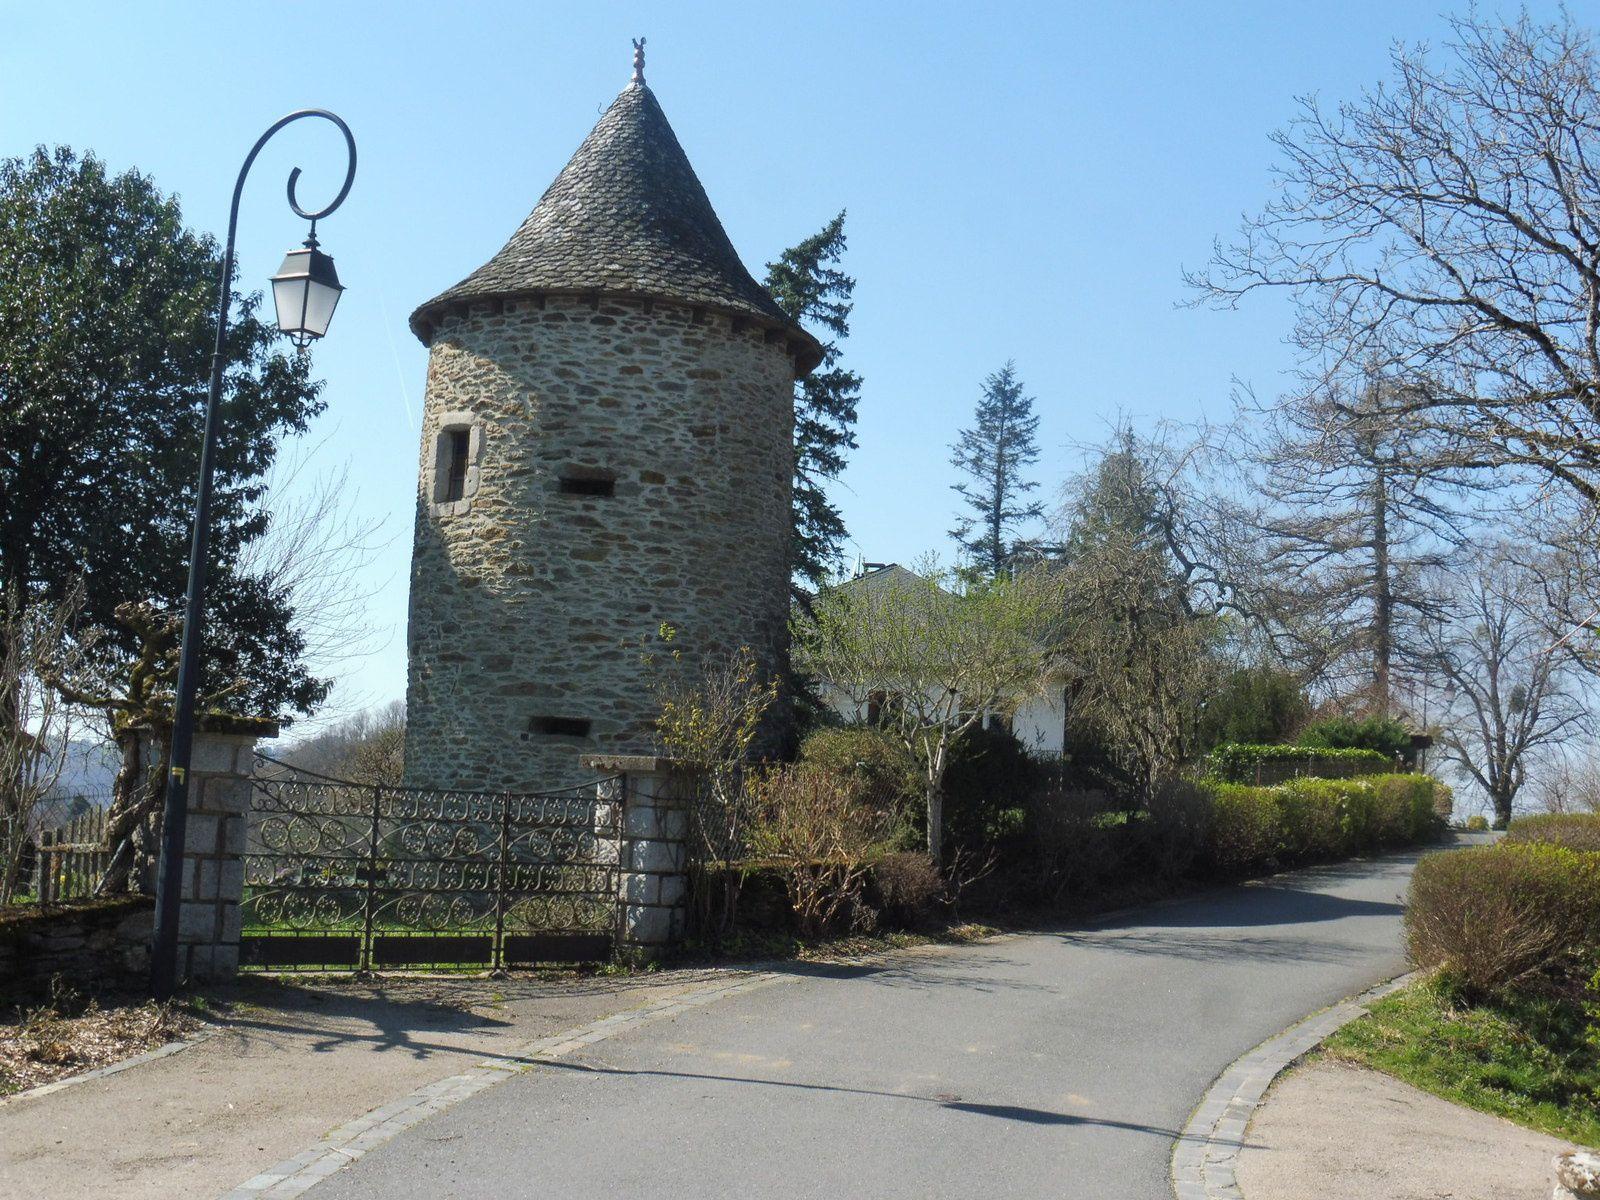 Le Fel est un village fleuri bâti sur une crête qui conserve une petite tour, vestige d'un ancien château.